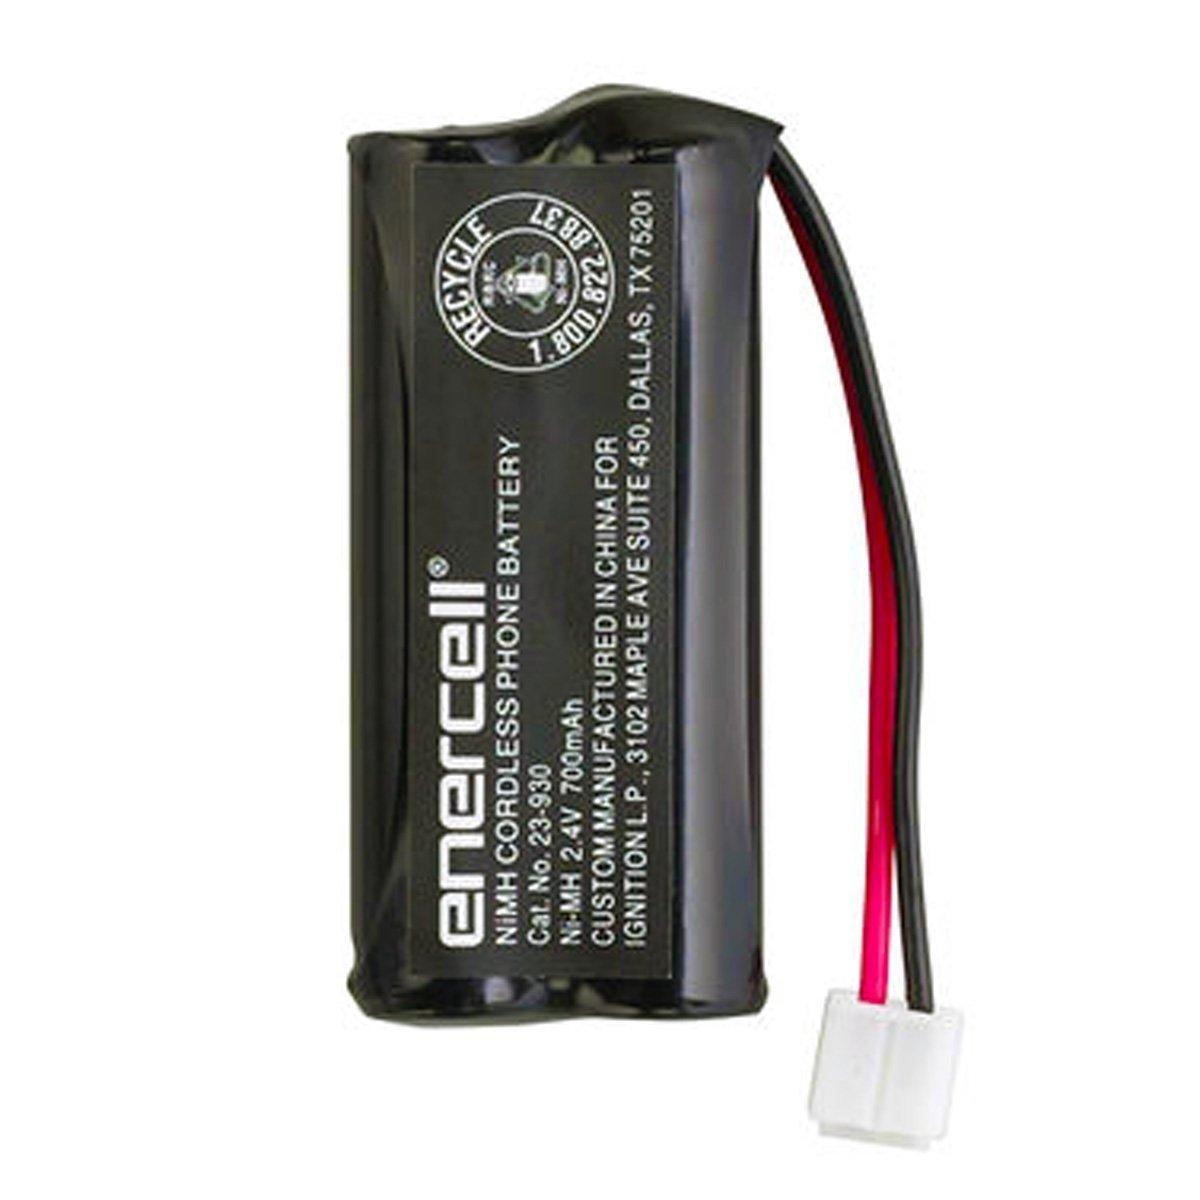 Enercell 2.4V/750mAh Cordless Phone Battery for VTech (23-930)